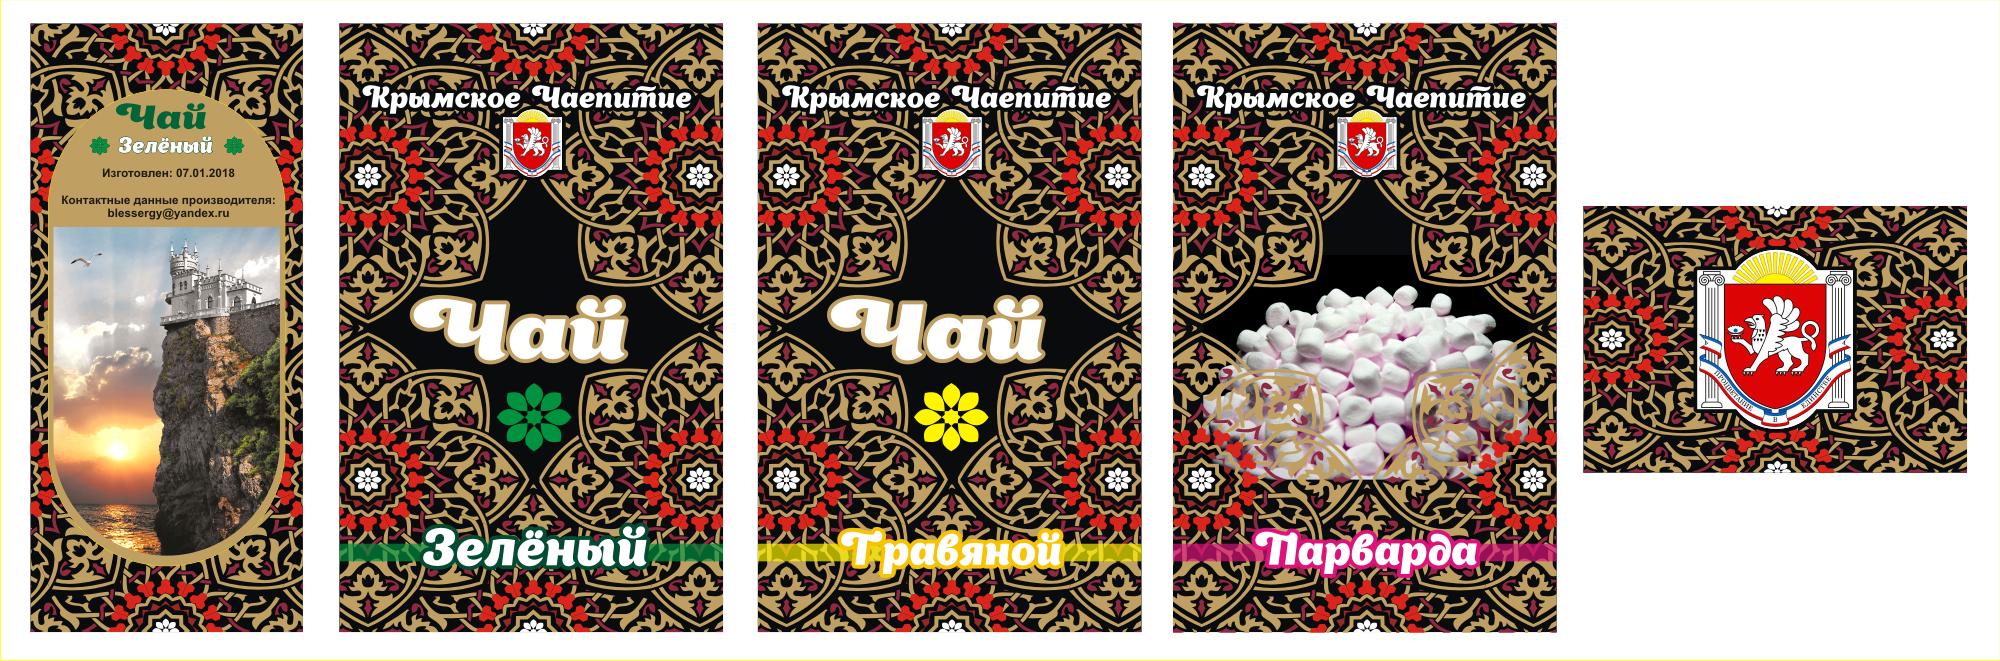 Дизайн коробки сувенирной  чай+парварда (подарочный набор) фото f_0195a52388063b79.png